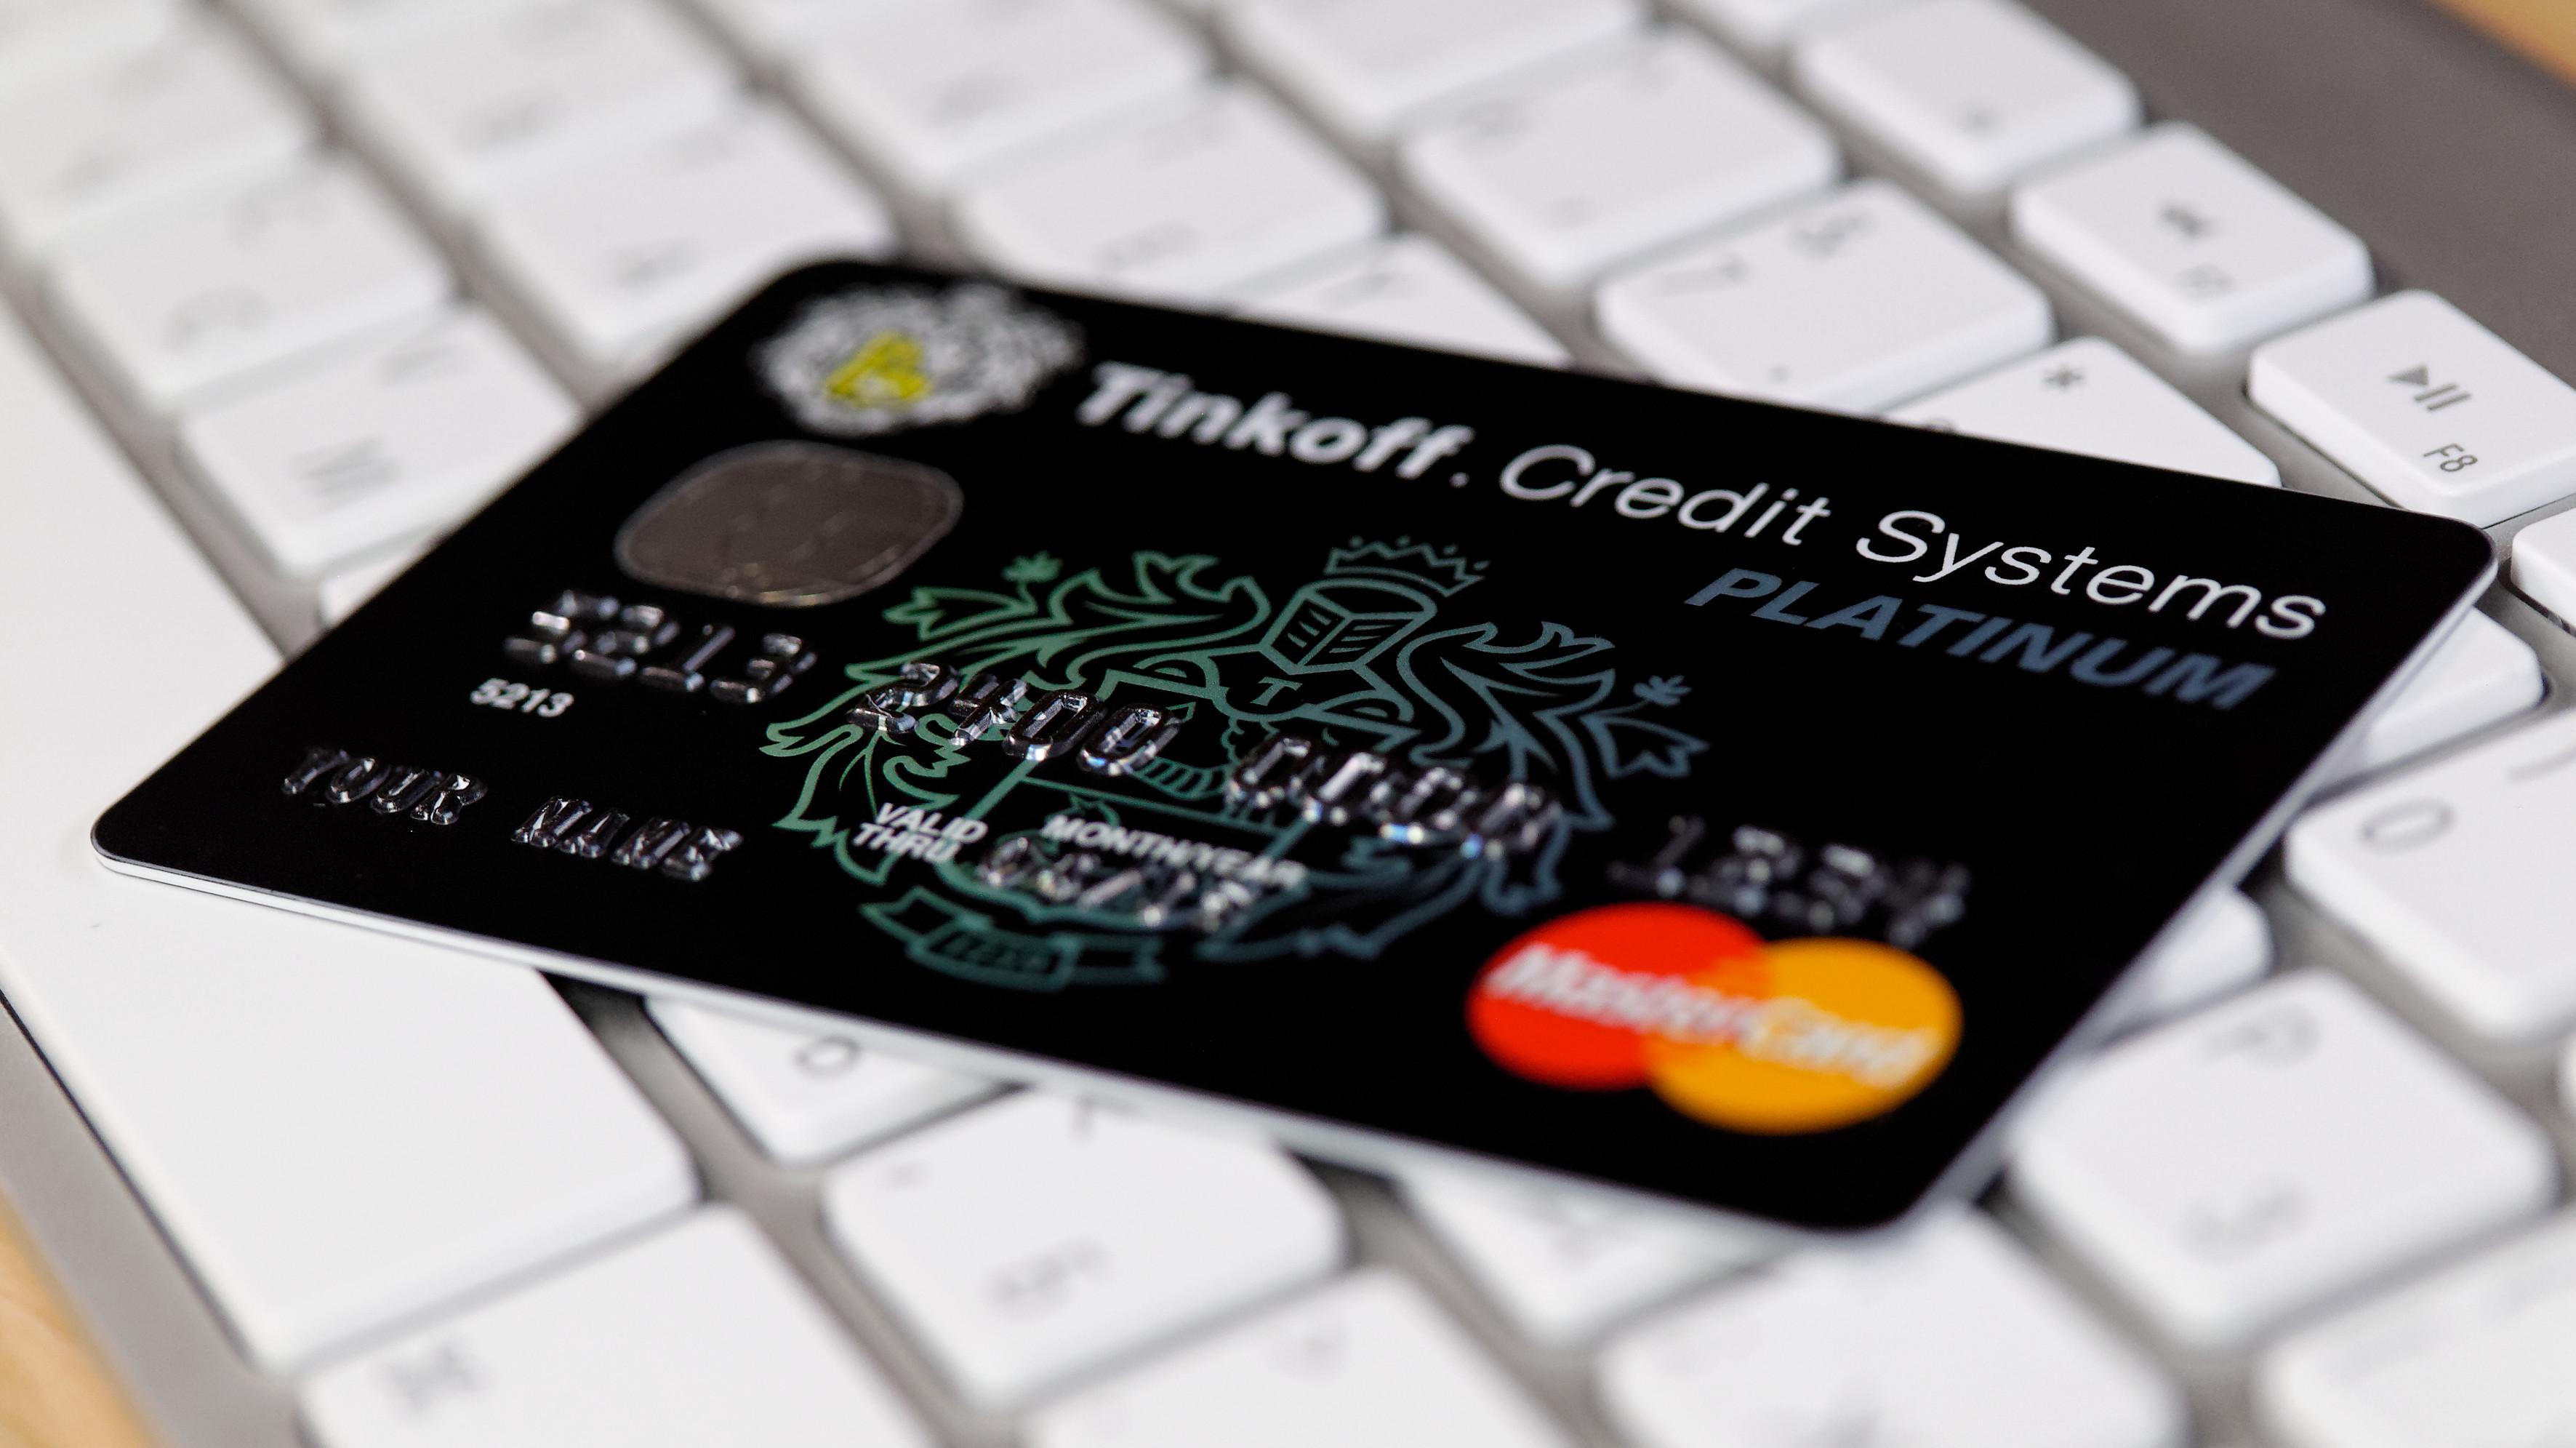 Банк хоум кредит бесплатный номер телефона горячей линии спб